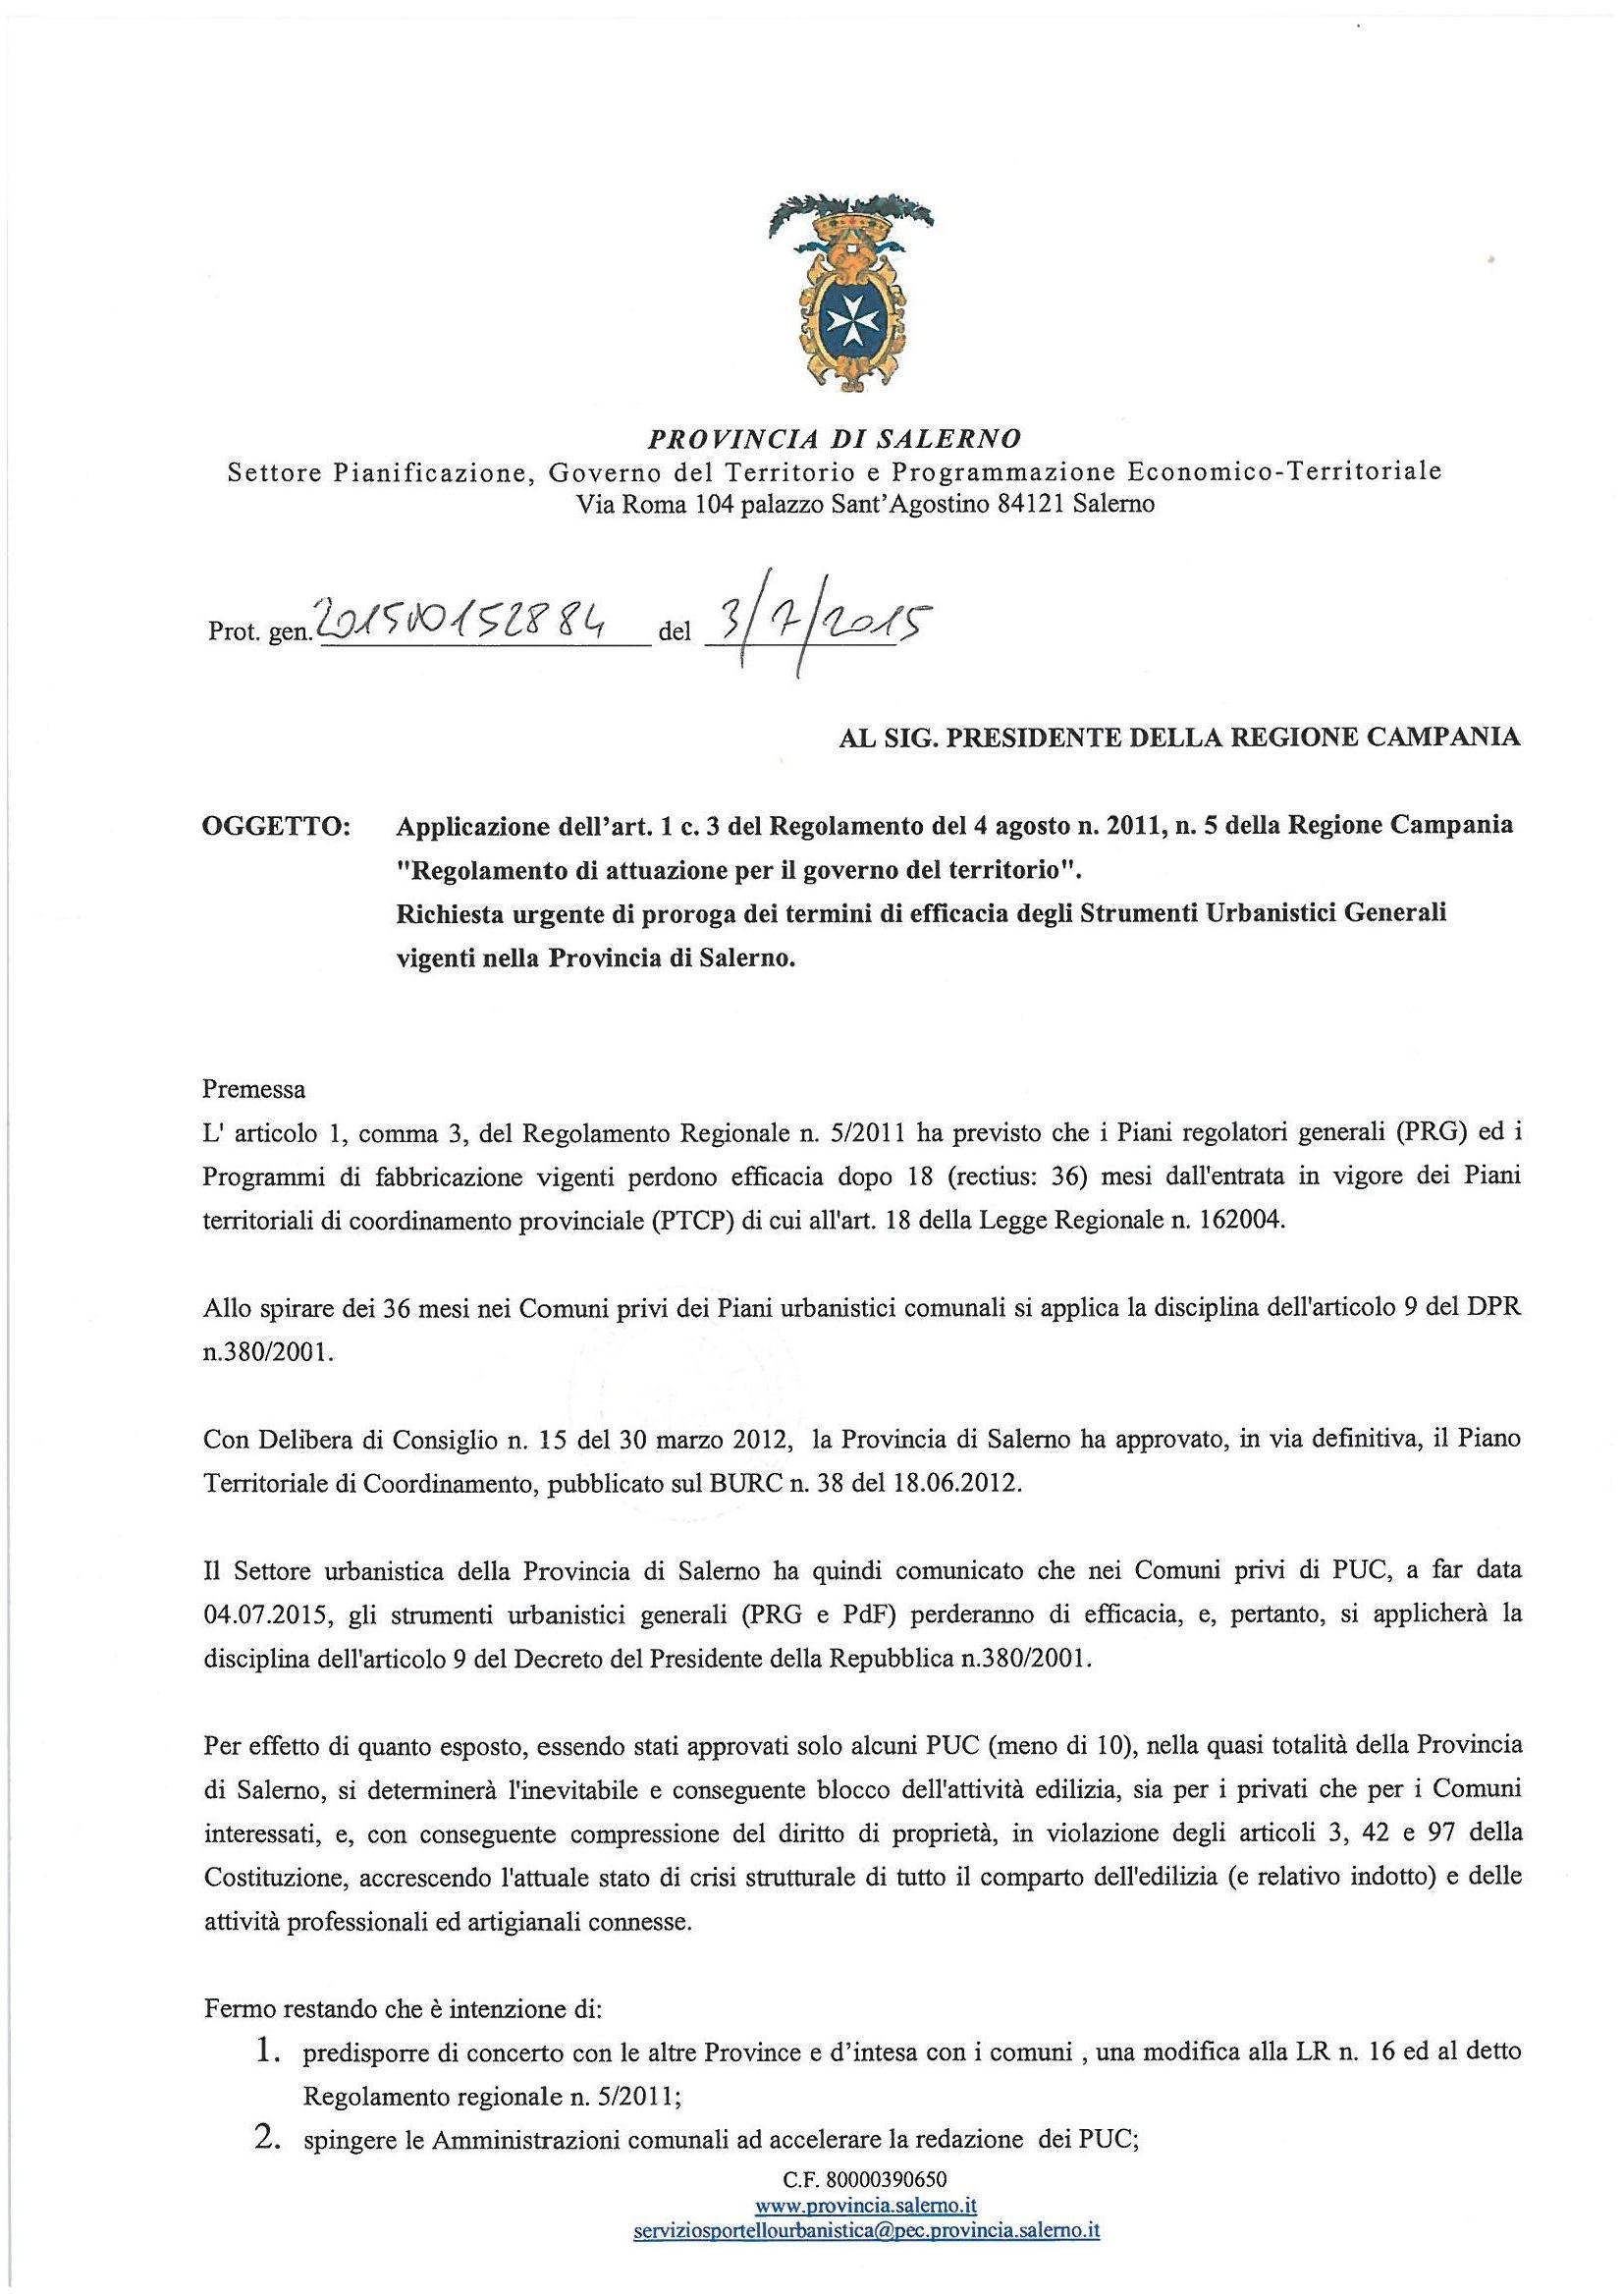 richiesta al presidente della regione_Pagina_1